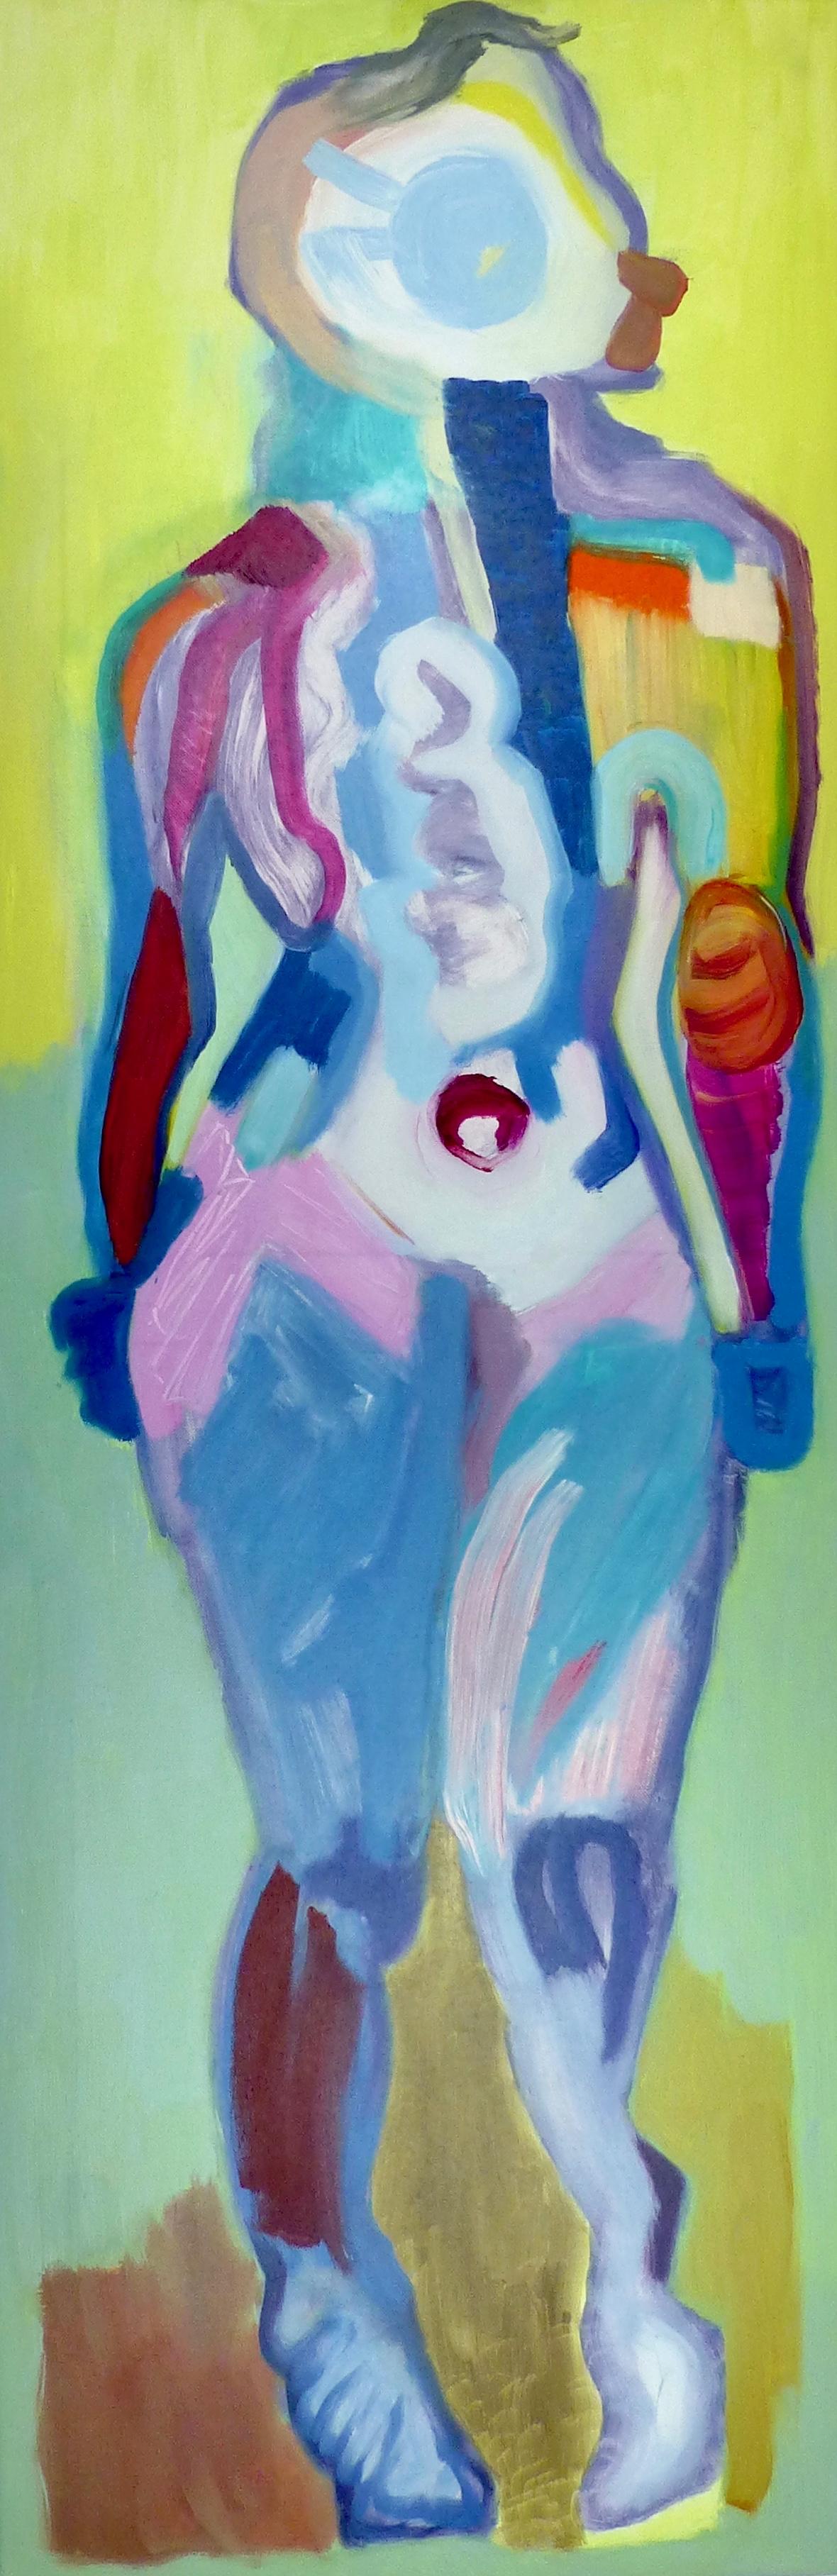 Woman-3, 2017